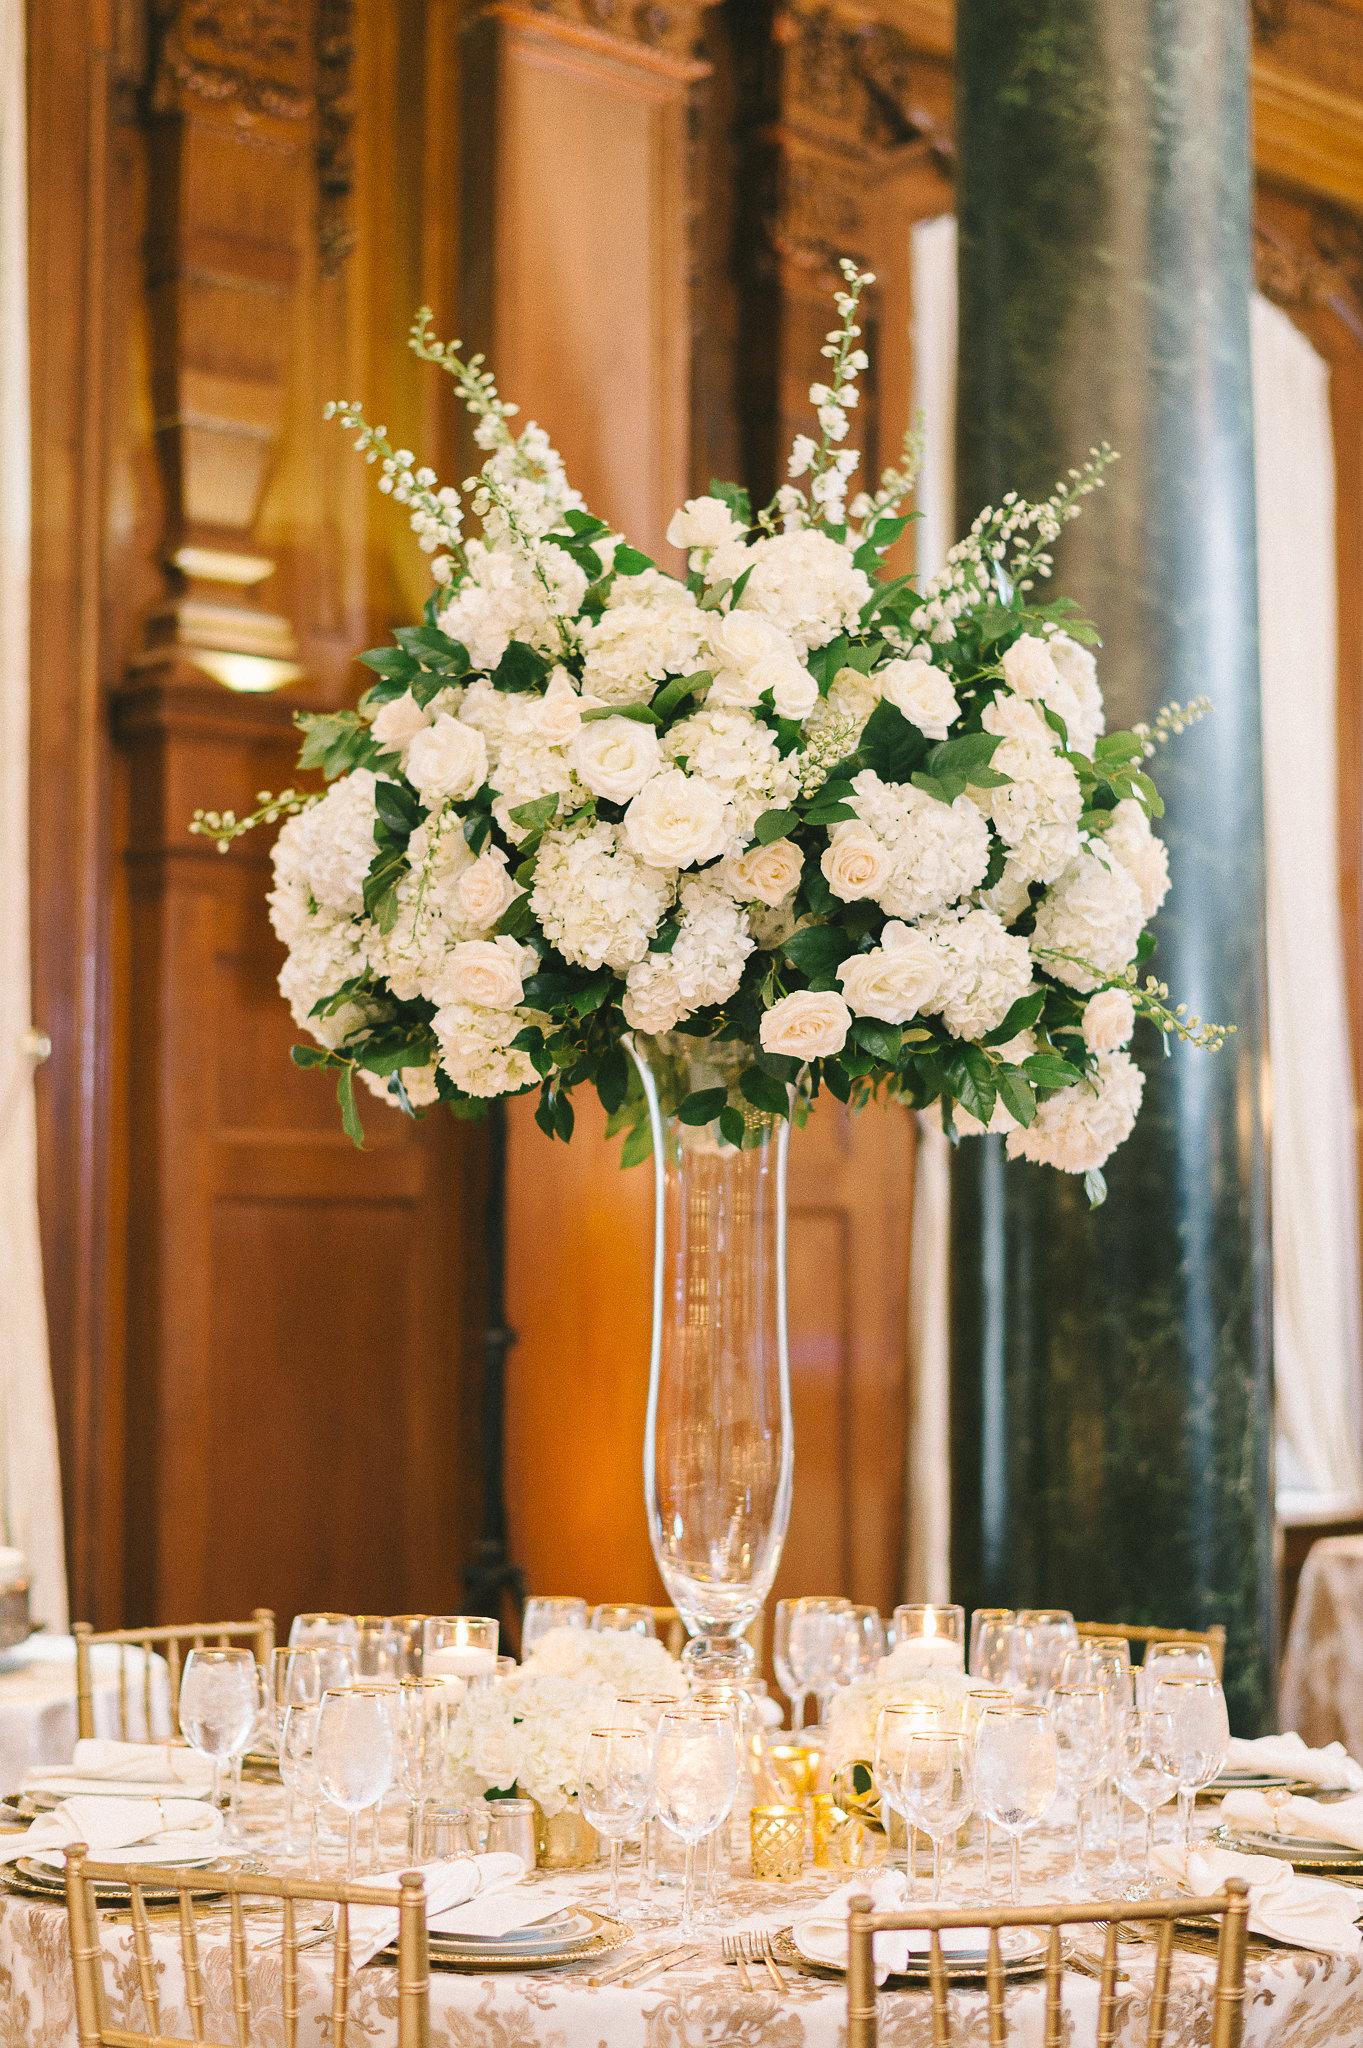 Elizabeth-Fogarty-Wedding-Photography-149.jpg